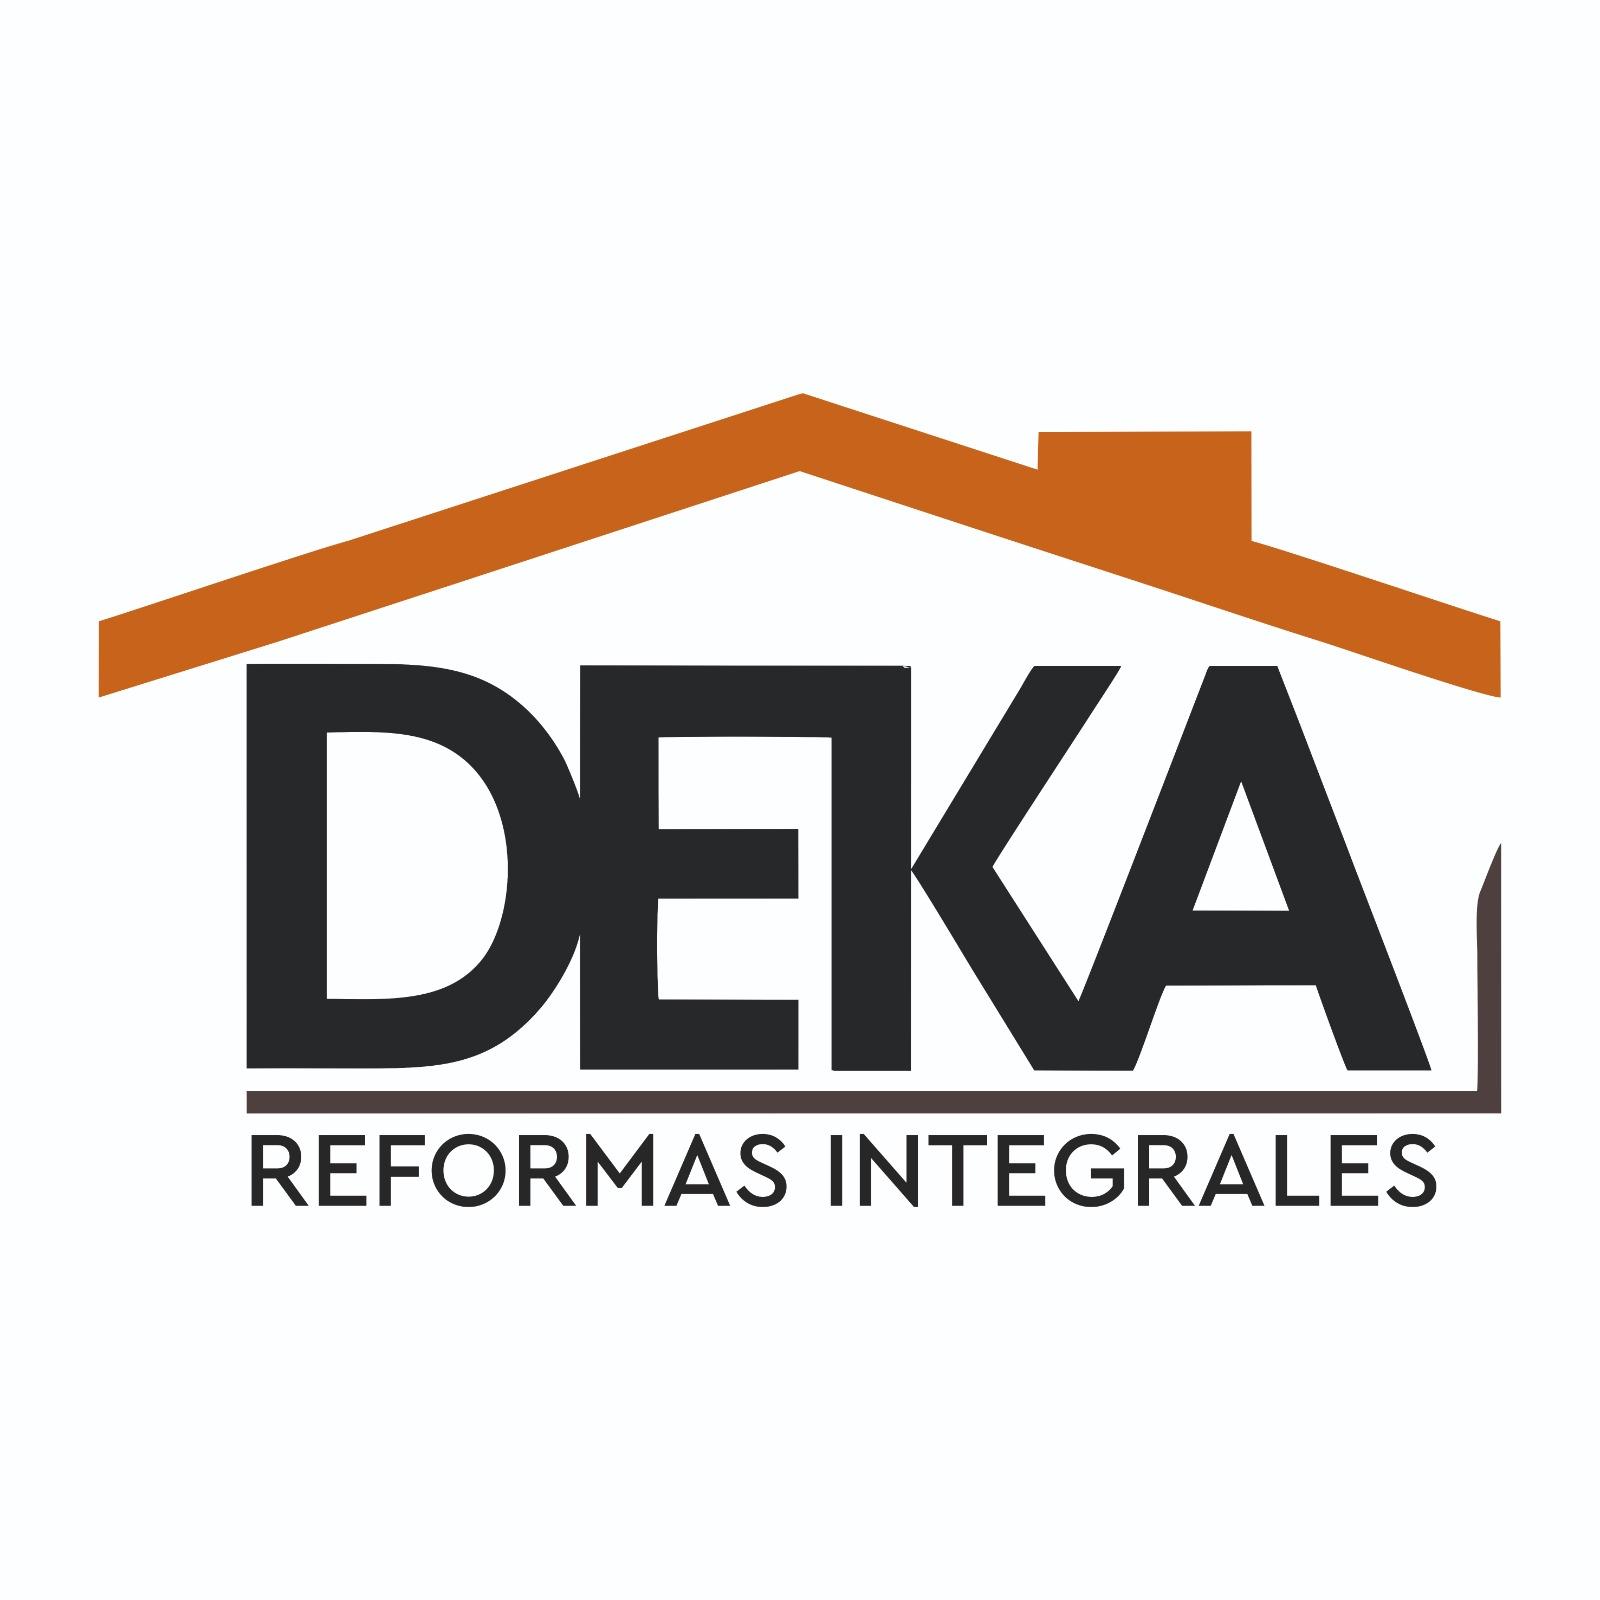 Logotipo Deka